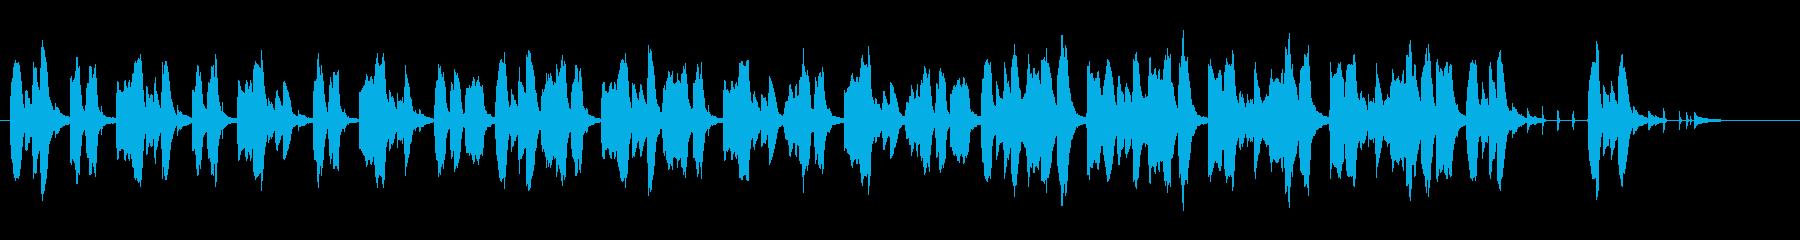 【オーケストラ】不思議_謎_気になるの再生済みの波形